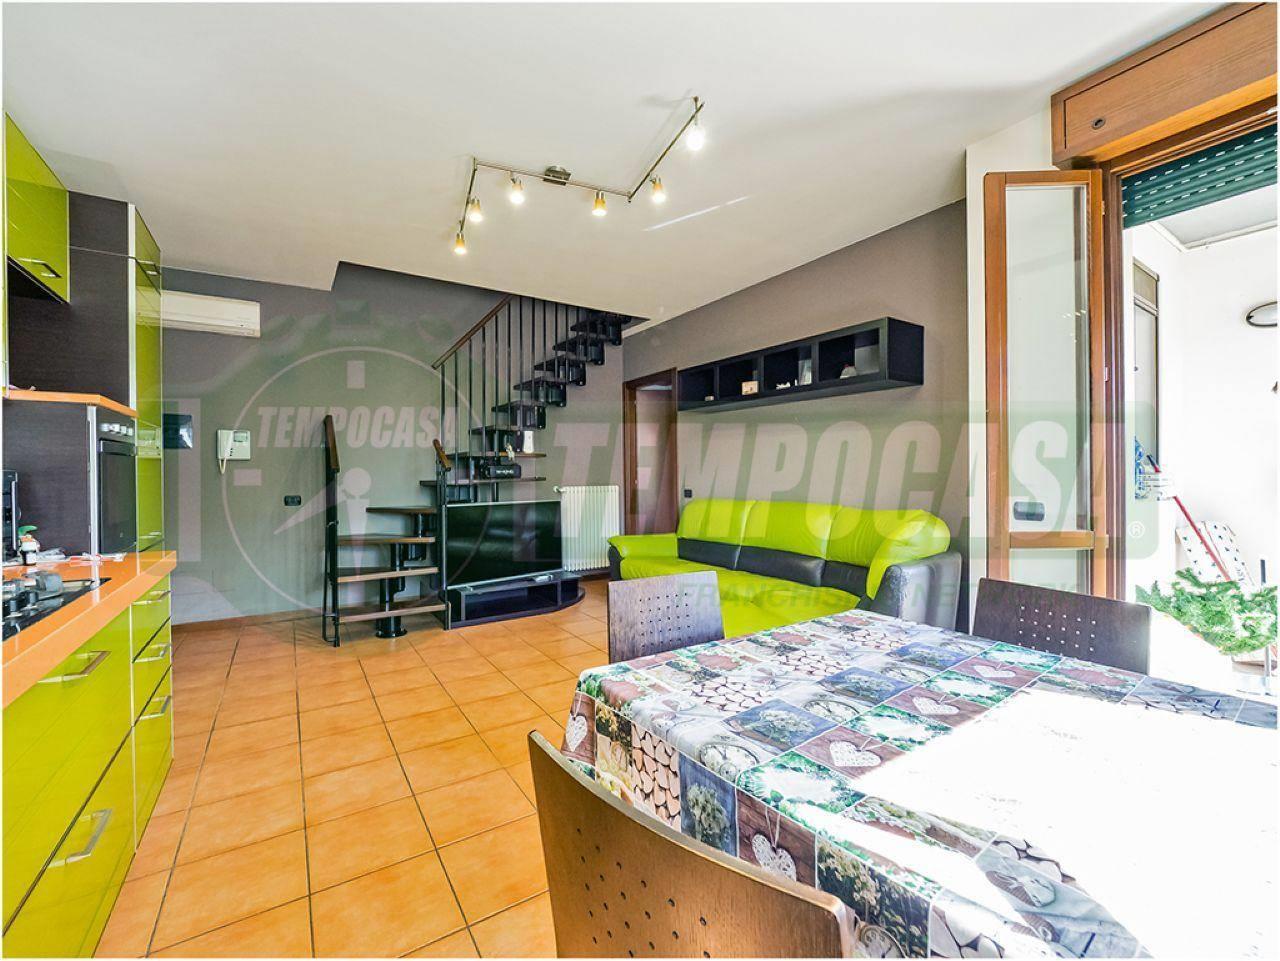 Foto 6 - Appartamento in Vendita - Cesano Maderno (Monza e Brianza)